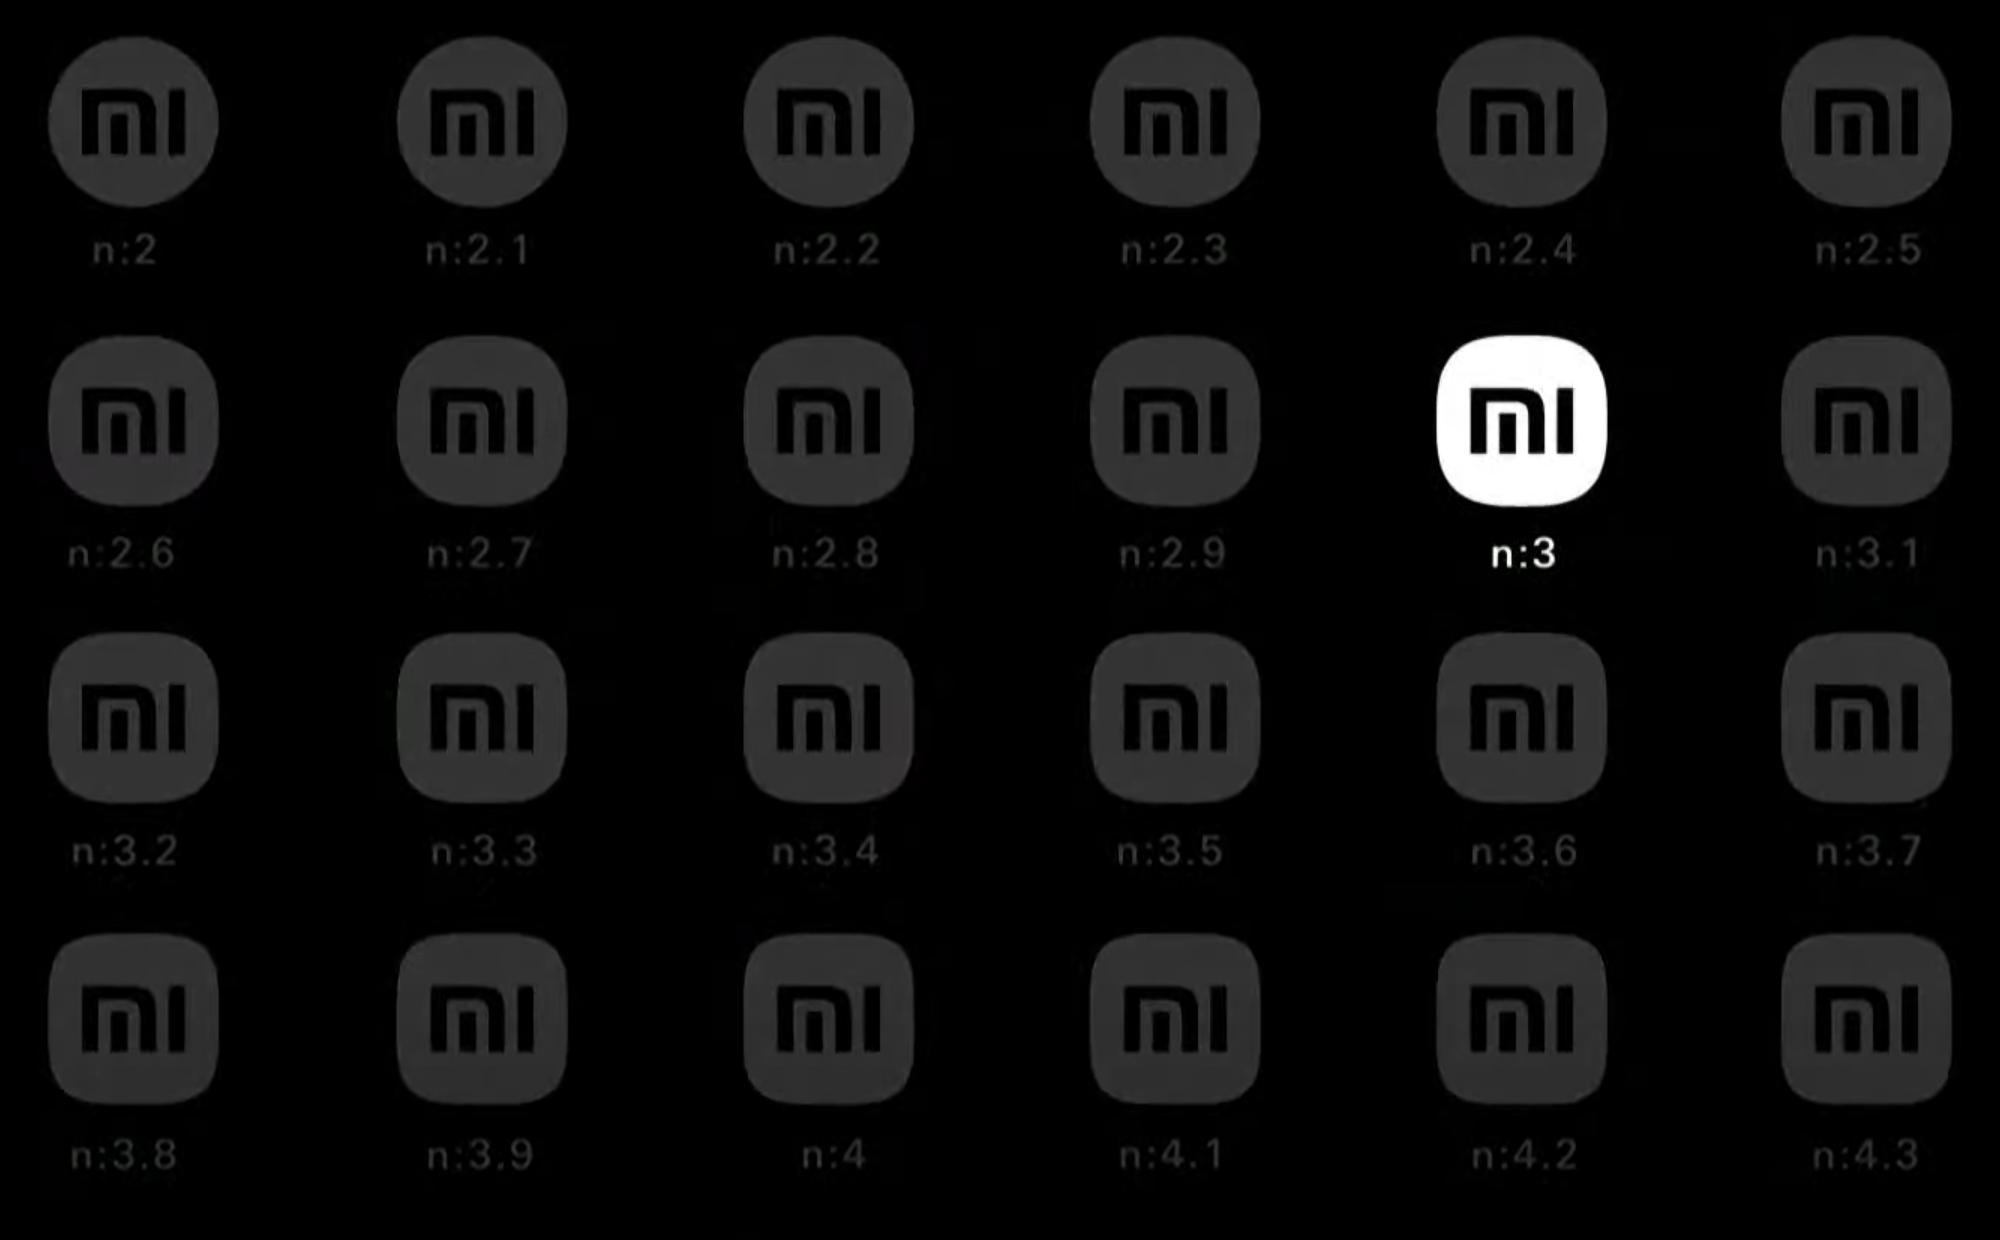 Chi tiền tấn để thiết kế logo mới, Xiaomi bị giới công nghệ cười nhạo - 3